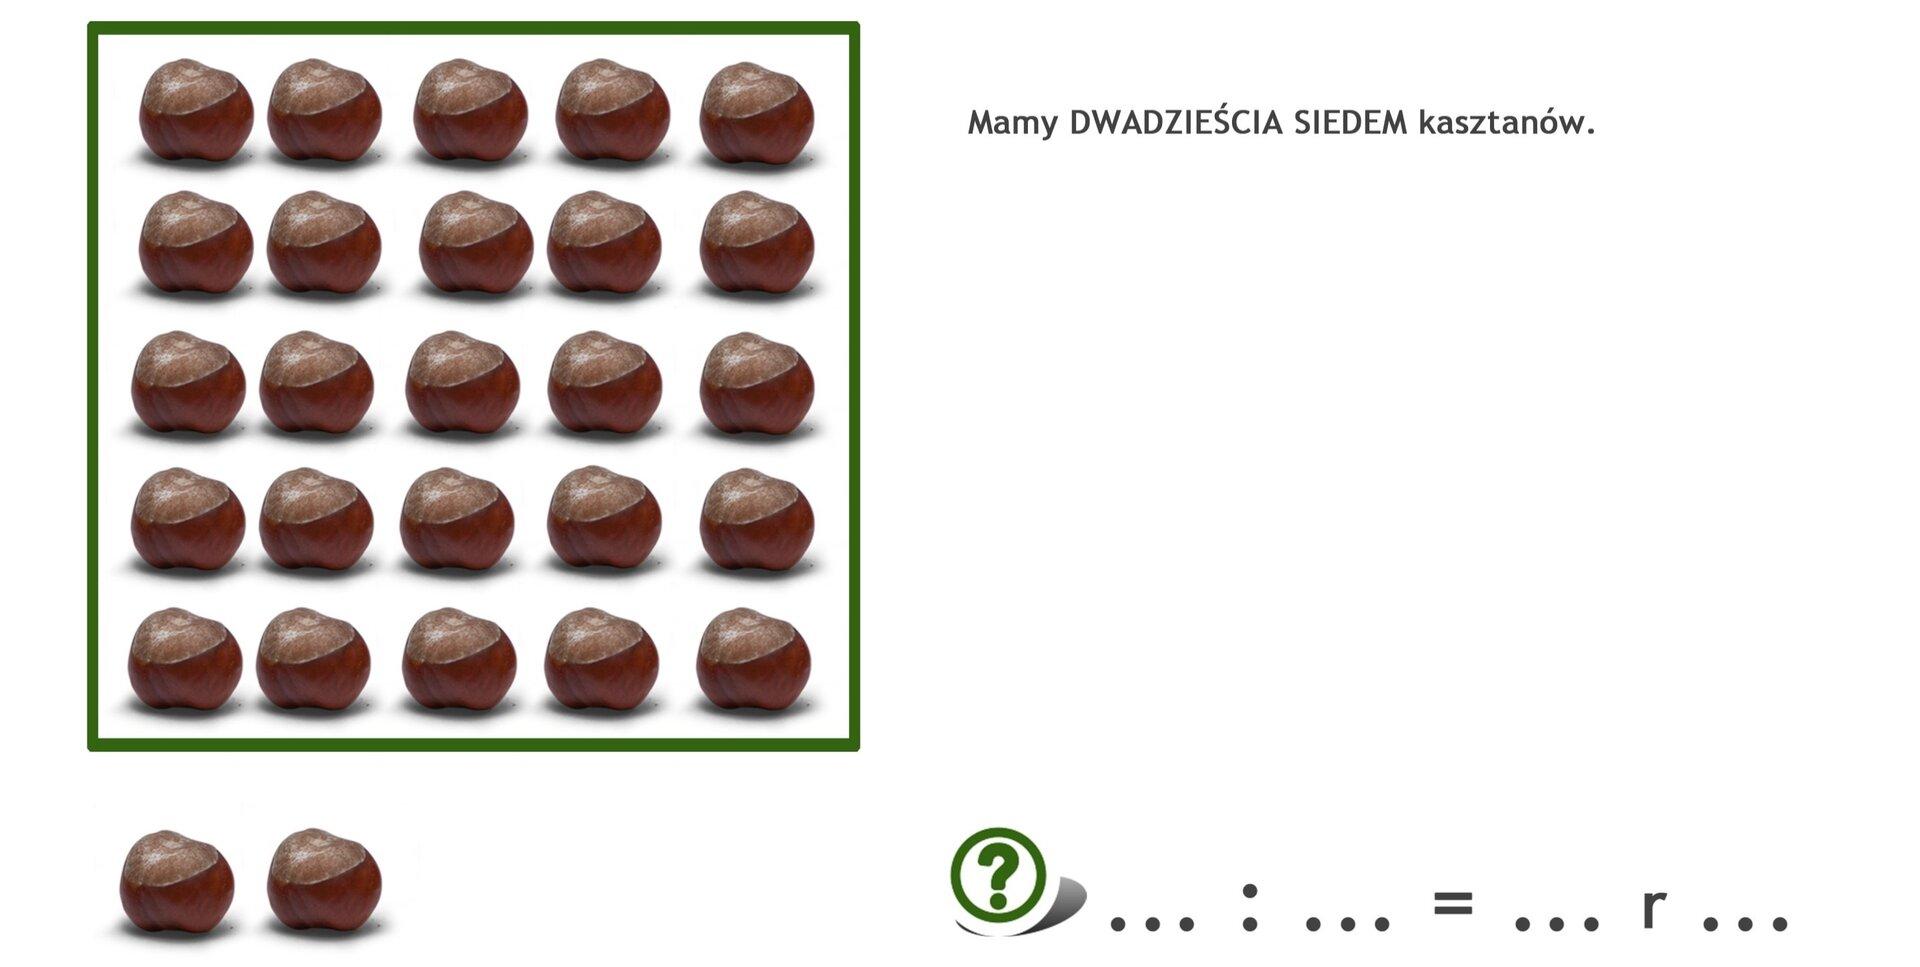 Na rysunku 27 kasztanów. Podzielono je na 5 rzędów po pięć kasztanów wkażdym. Zostały 2 kasztany.